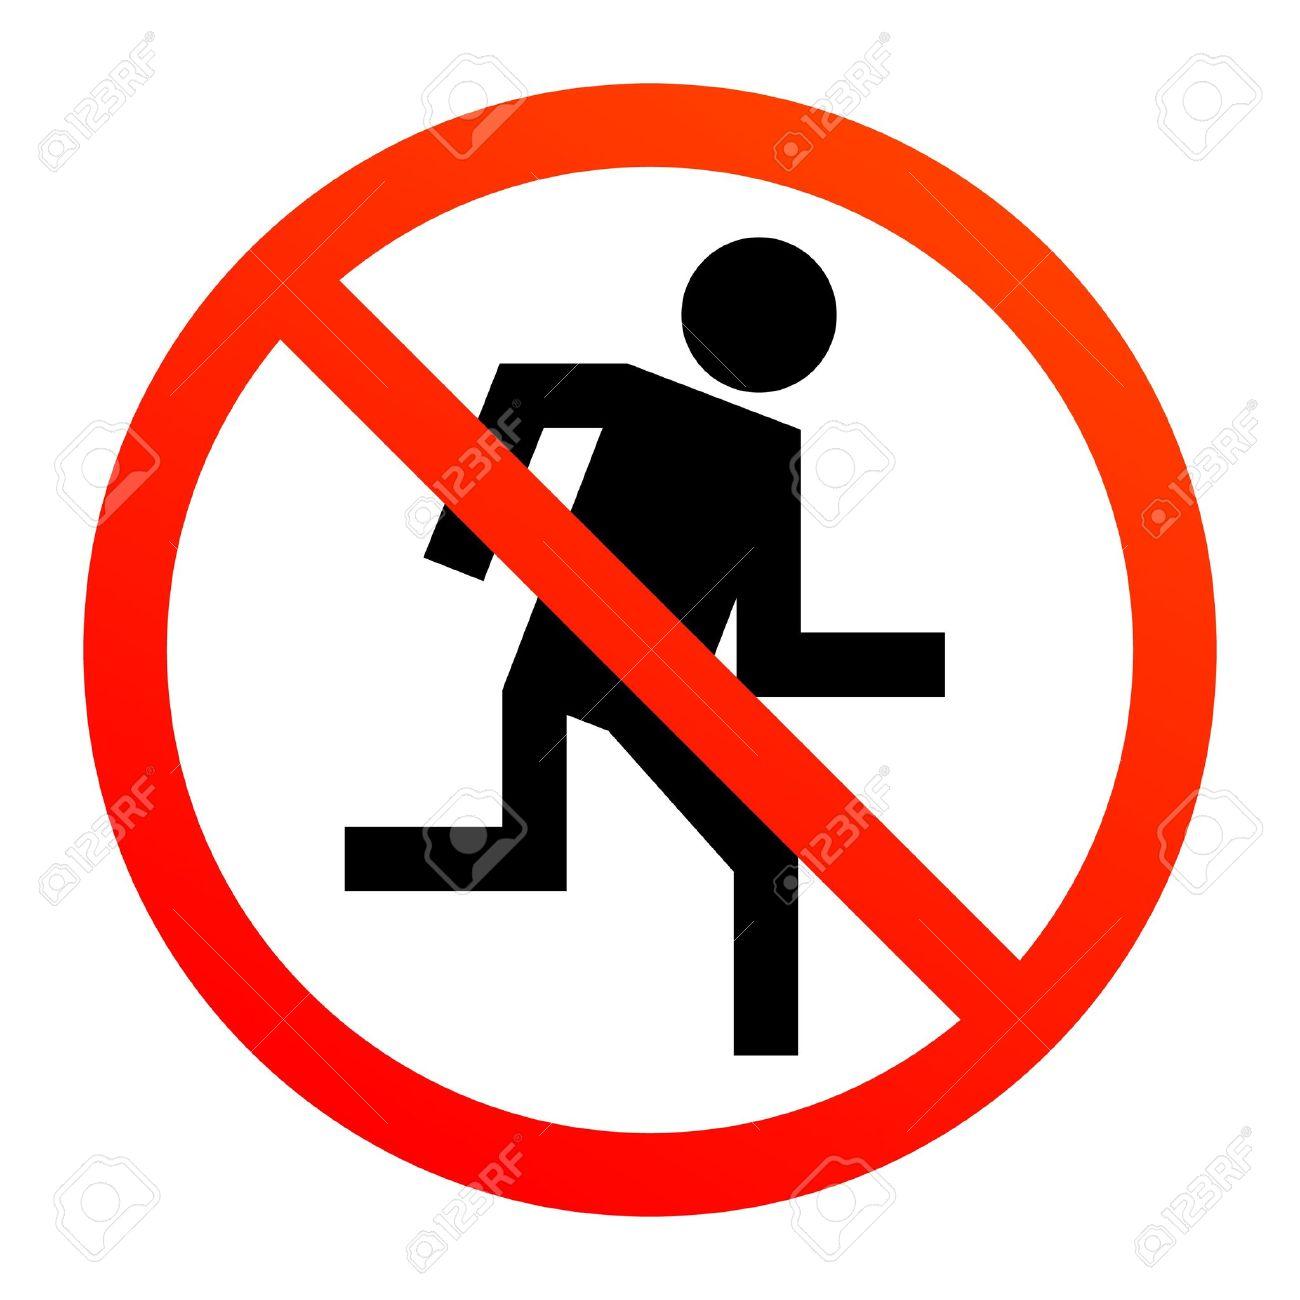 No run sign.